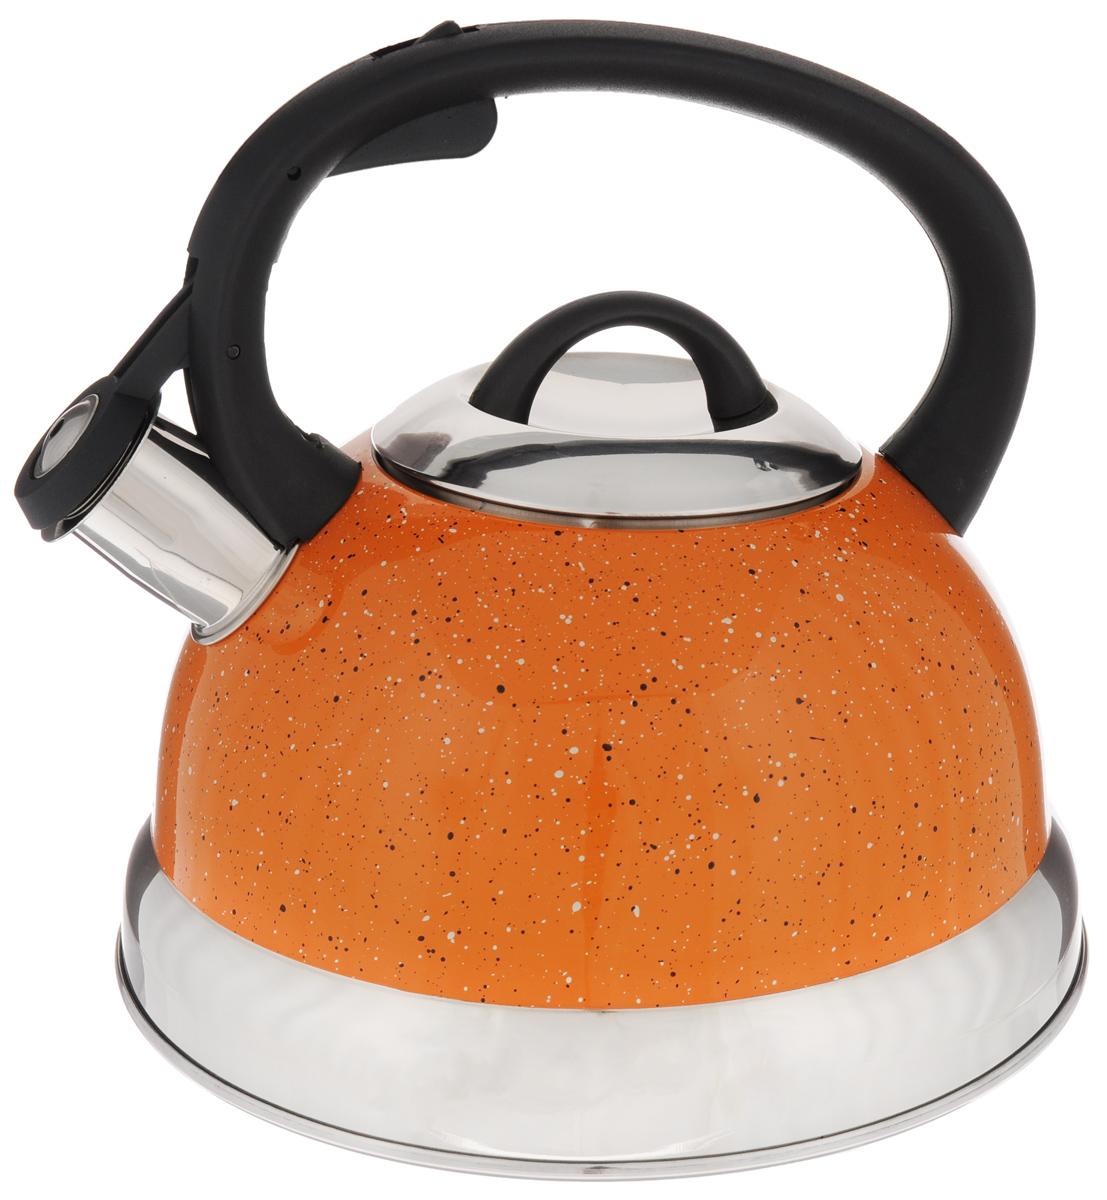 Чайник Mayer & Boch, со свистком, цвет: оранжевый, 2,6 л. 2566225662Чайник со свистком Mayer & Boch изготовлен из высококачественной нержавеющей стали, что обеспечивает долговечность использования. Носик чайника оснащен откидным свистком, звуковой сигнал которого подскажет, когда закипит вода. Фиксированная ручка, изготовленная из пластика, снабжена клавишей для открывания носика, что делает использование чайника очень удобным и безопасным.Чайник Mayer & Boch - качественное исполнение и стильное решение для вашей кухни. Подходит для всех типов плит, включая индукционные. Можно мыть в посудомоечной машине. Высота чайника (с учетом ручки): 20,5 см.Диаметр чайника (по верхнему краю): 10 см.Диаметр основания: 21 см.